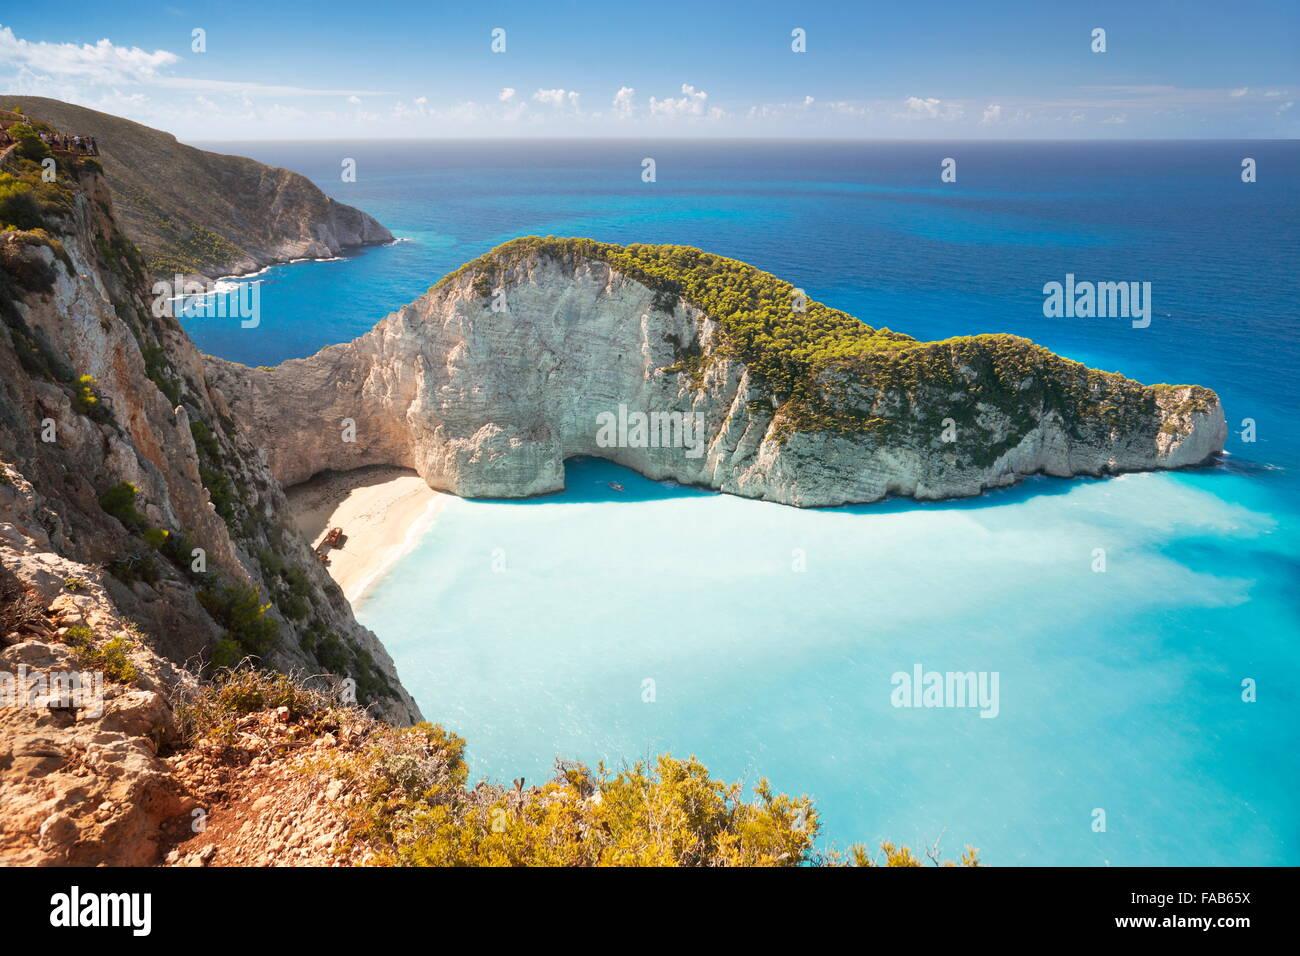 Grecia - Zakynthos, Shipwreck Cove, Navagio Beach Imagen De Stock